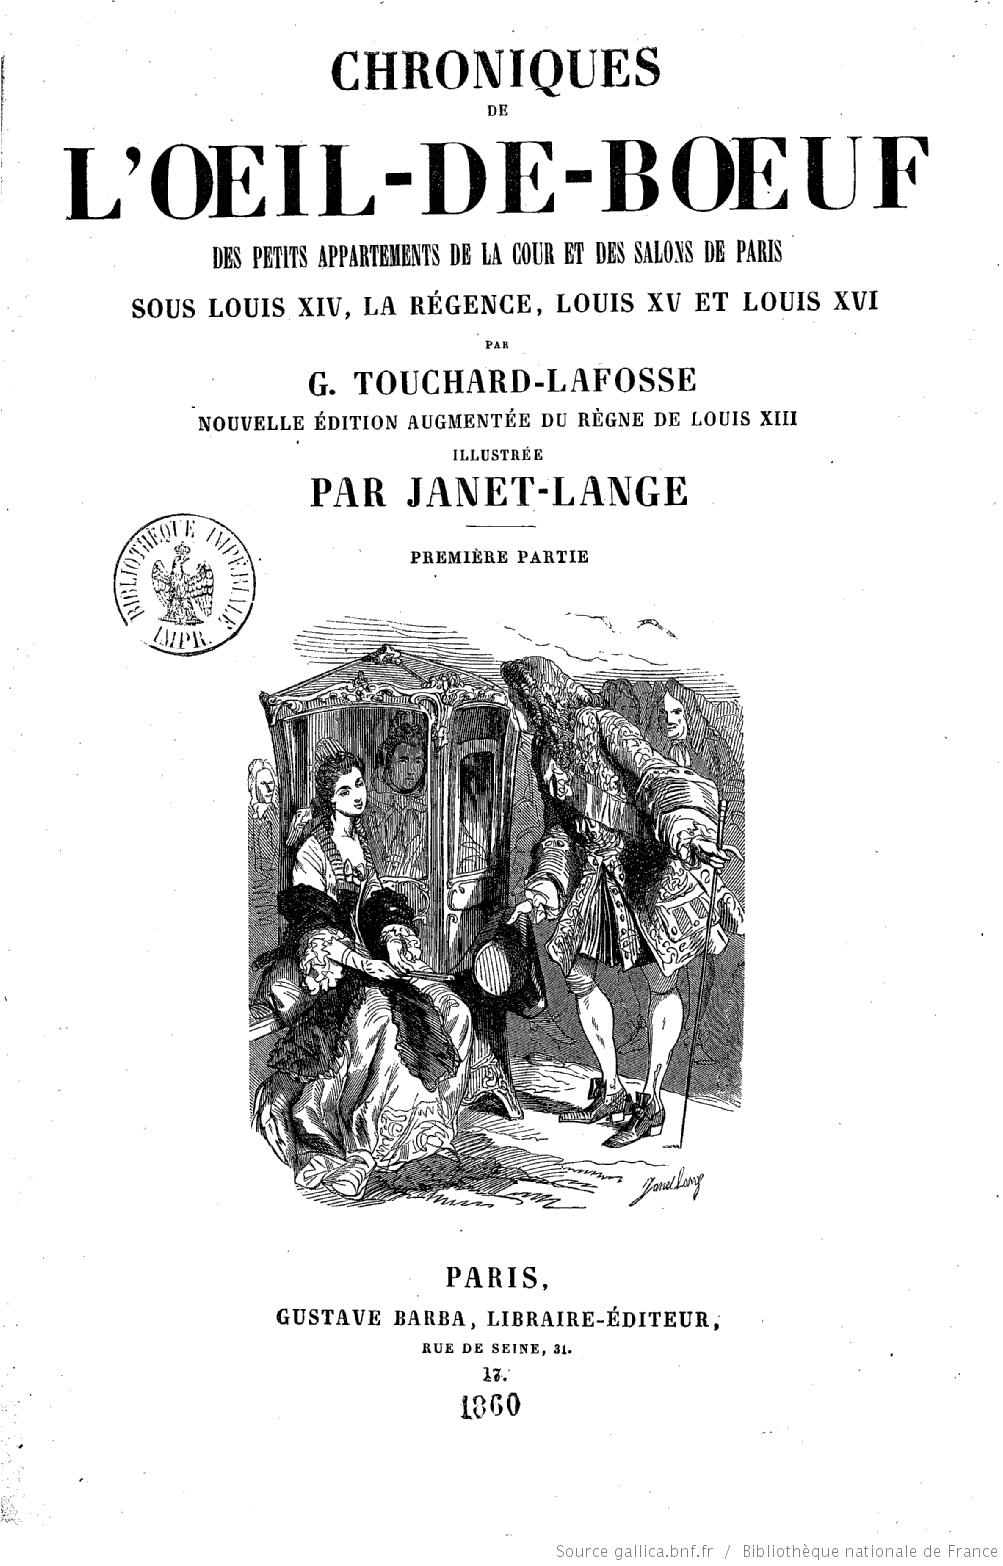 Georges Touchard-Lafoss's Chroniques de l'Oeil-de-boeuf (1776)